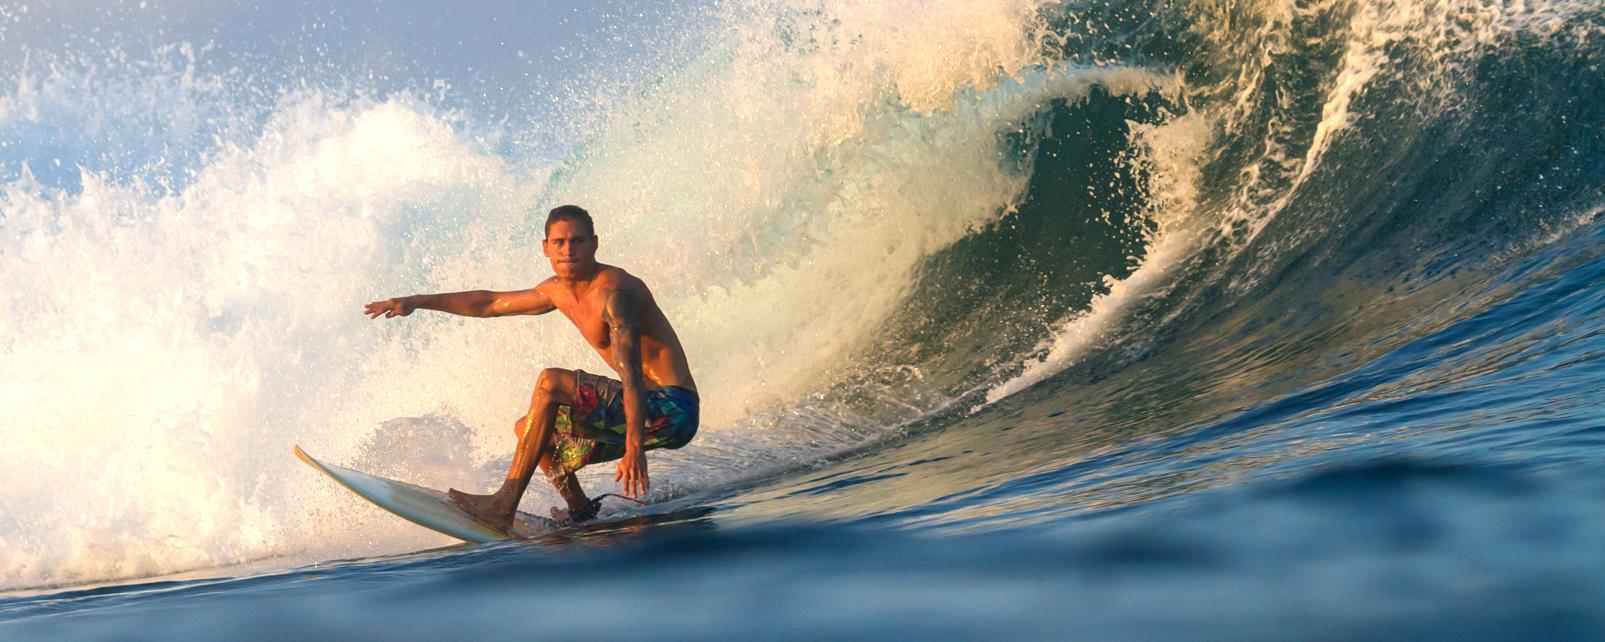 Asie, Indonésie, Sumba, surf, surfeur, planche, vague, océan,